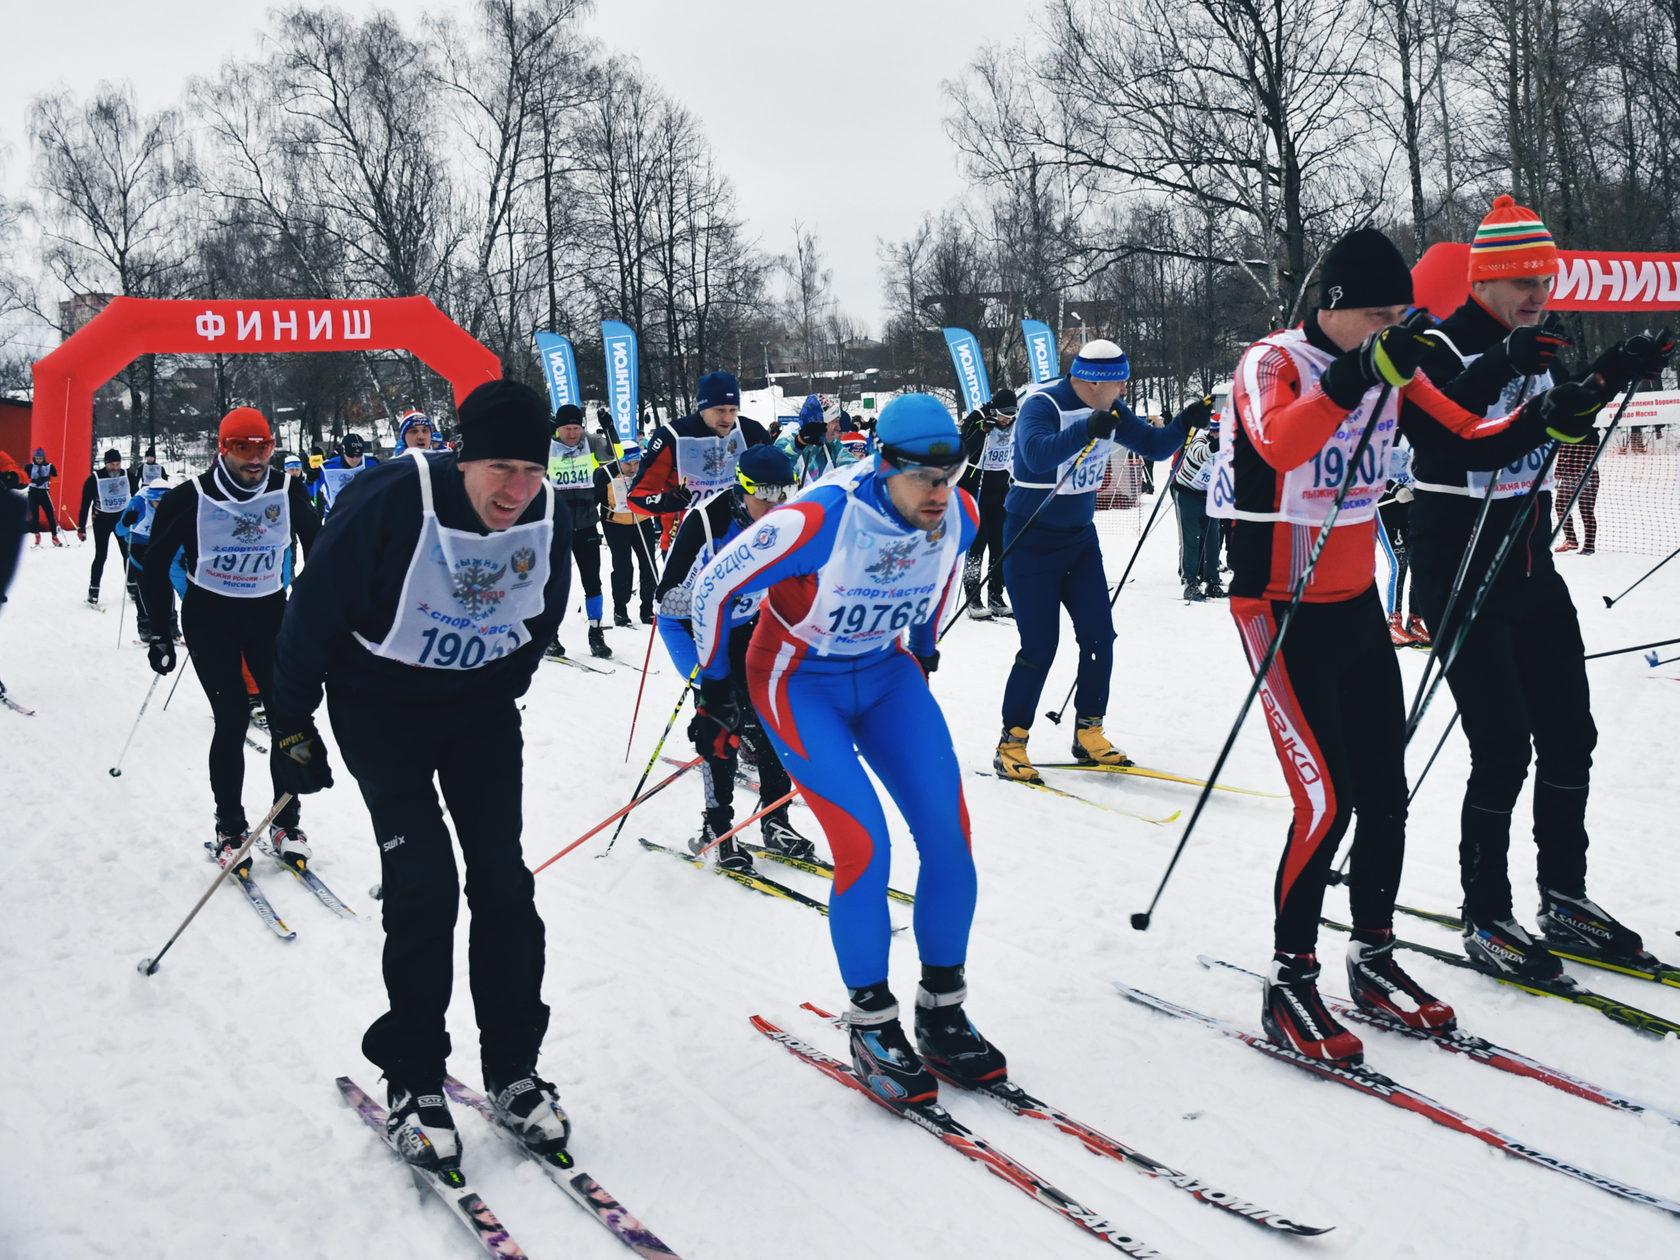 Массовый заезд по лыжным гонкам прошел в Новой Москве